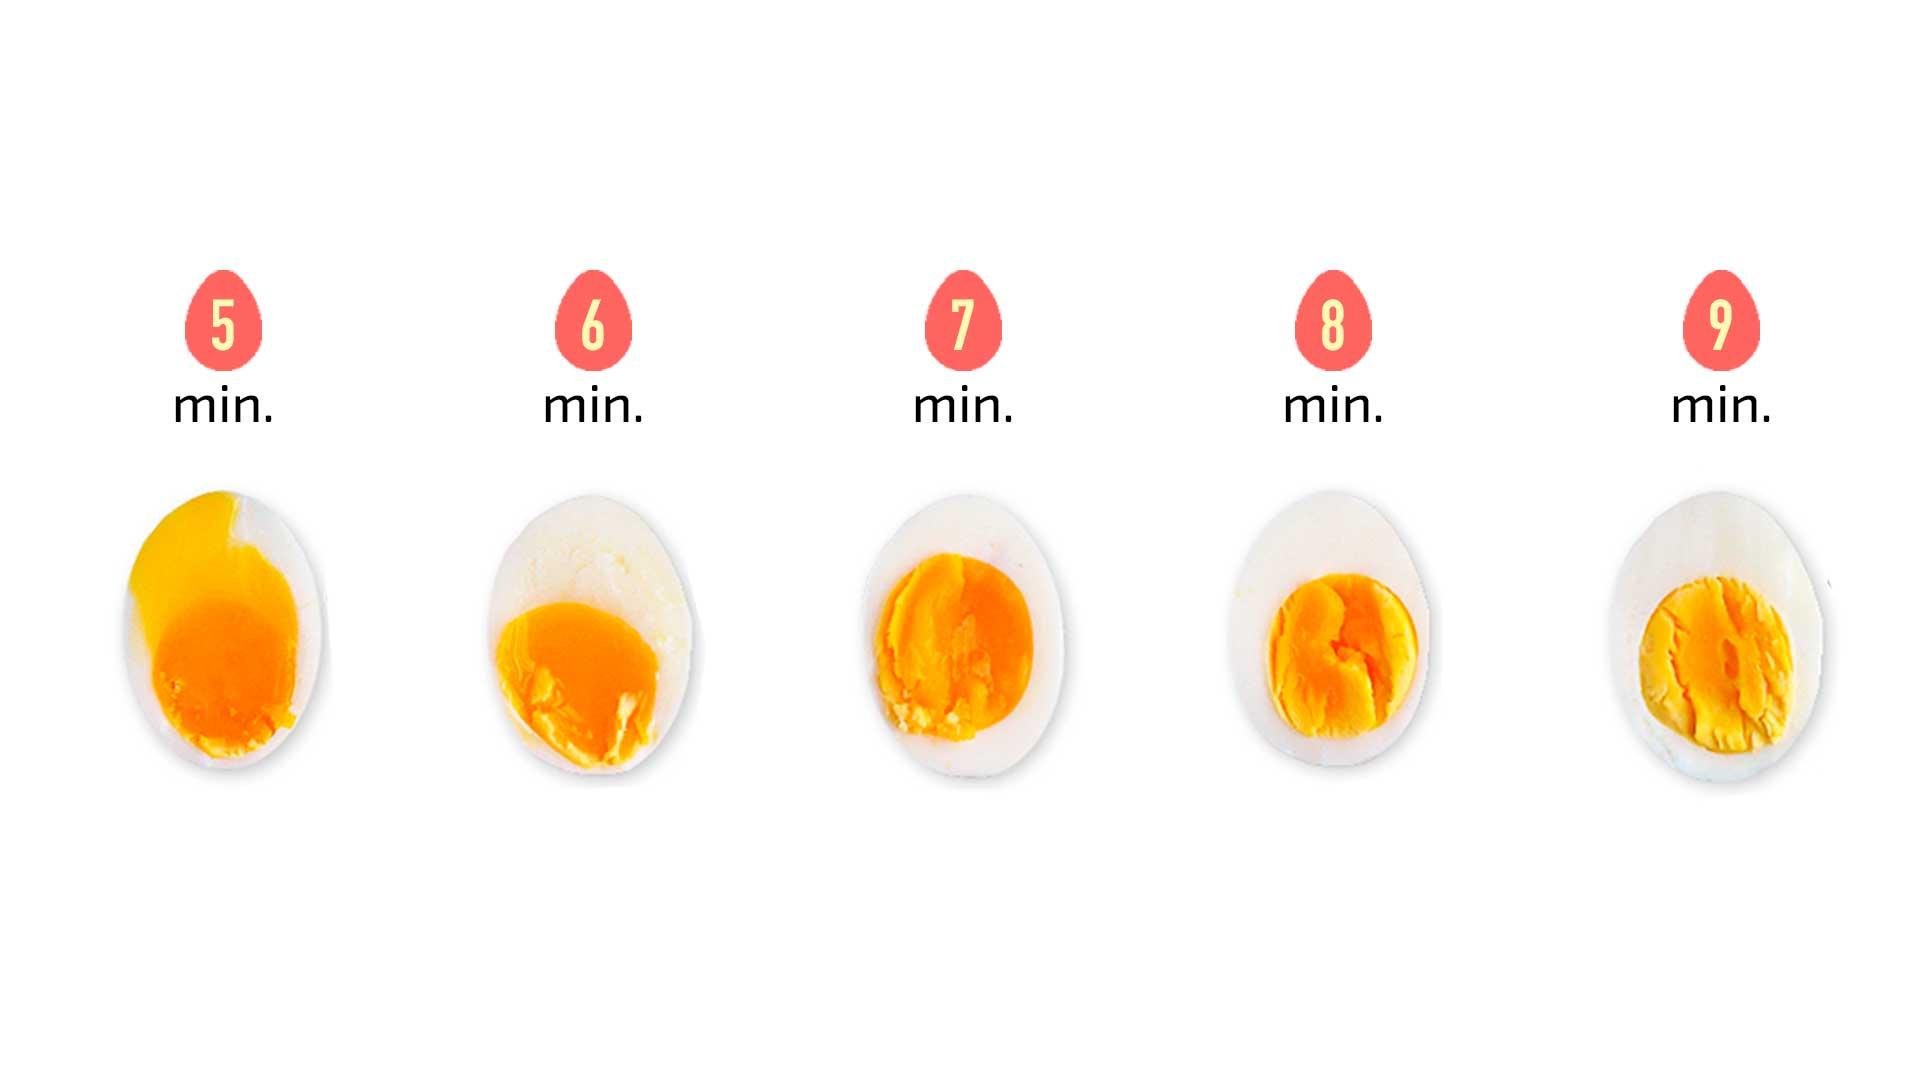 image Ela quer um ovo bem grande